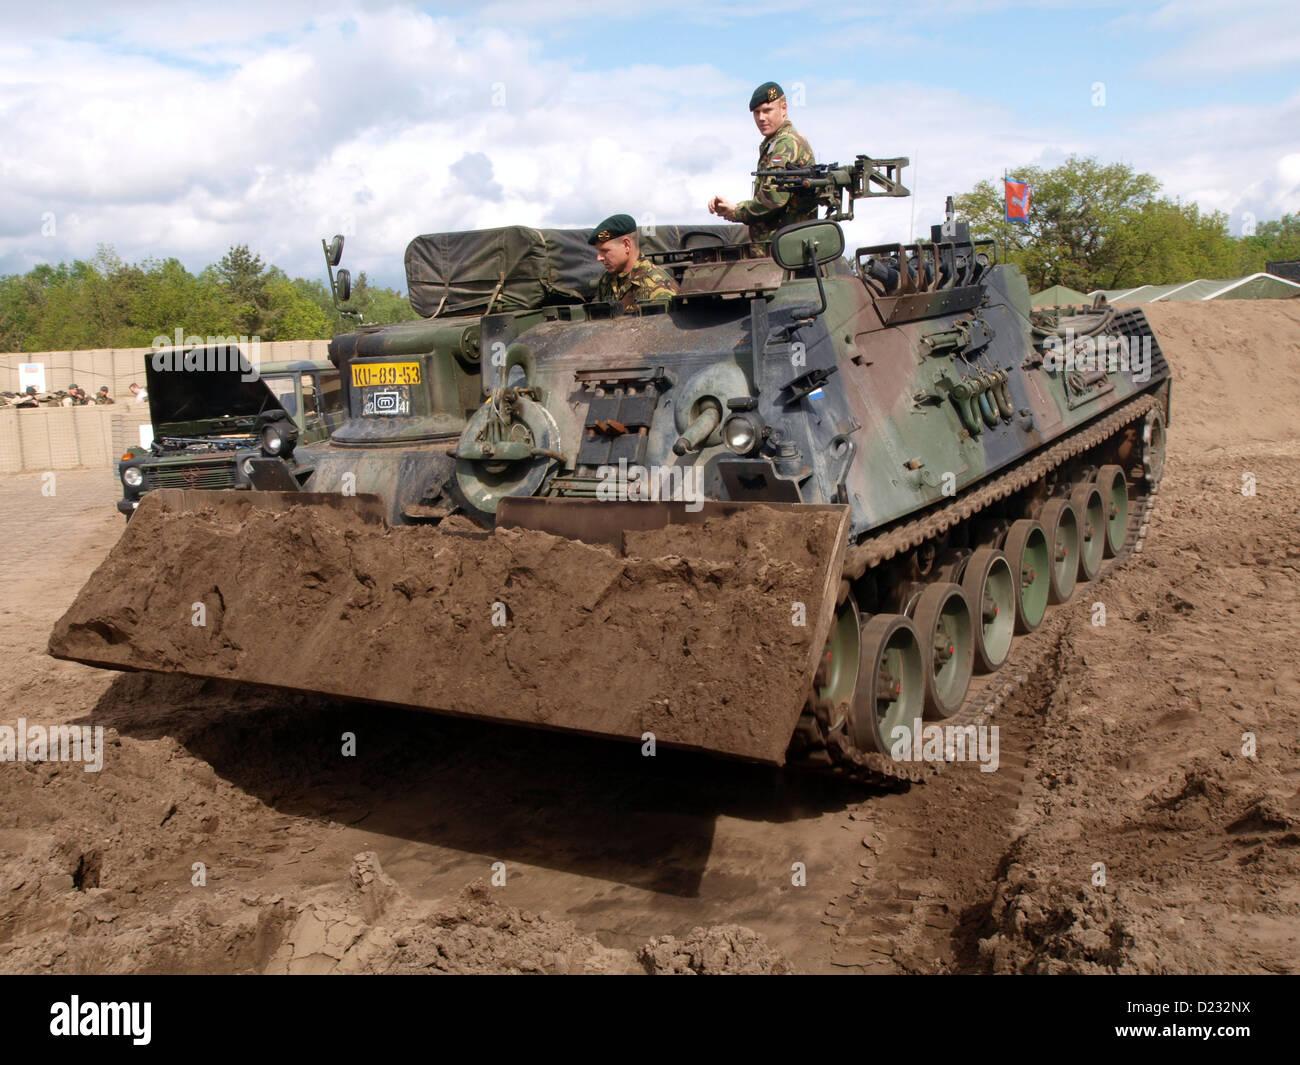 Jornada de Puertas Abiertas del ejército 2012 en los Países Bajos, Oirschot Leopard 1 tanque de ARV Foto de stock